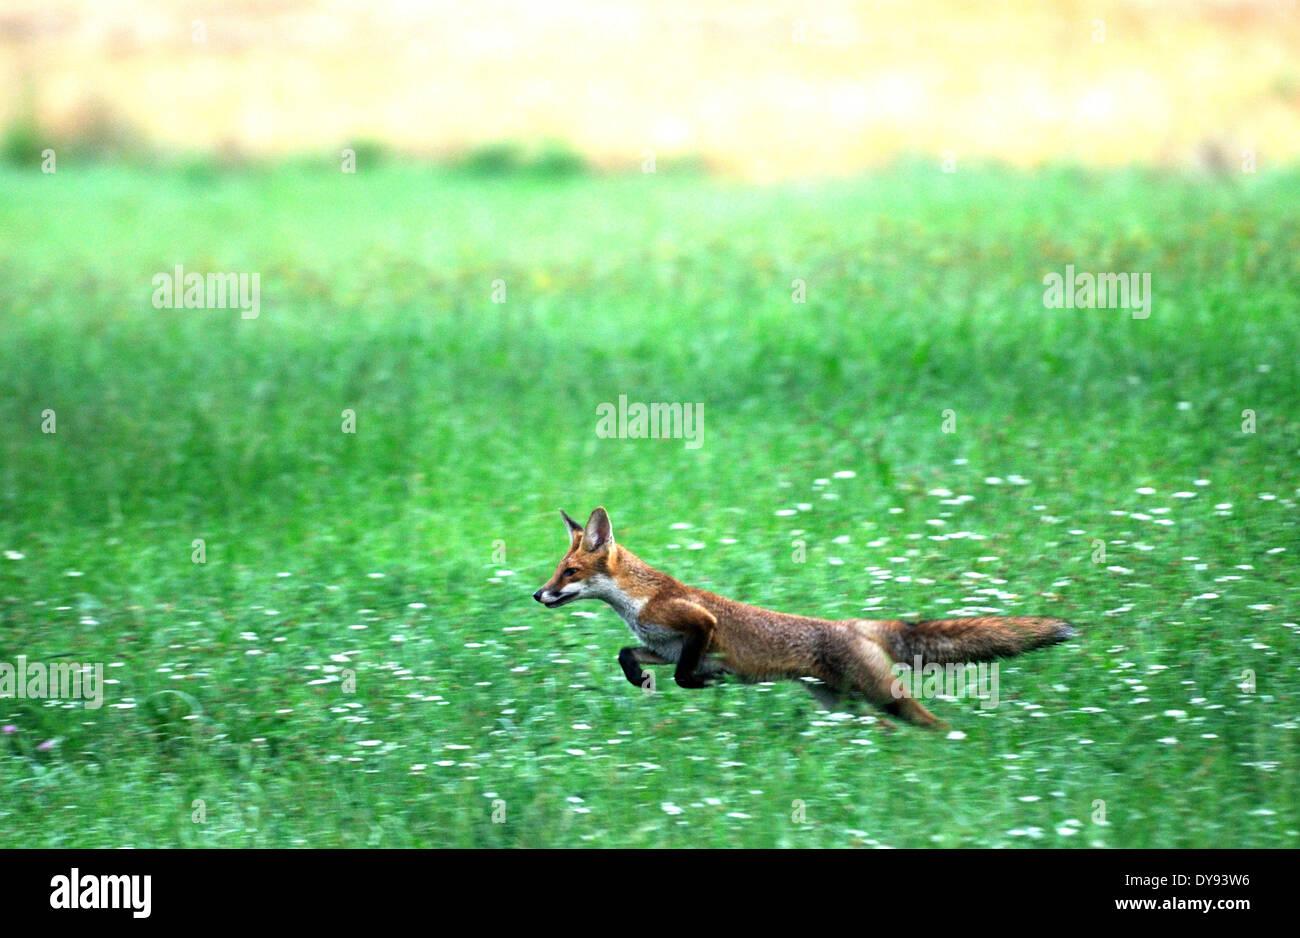 Red Fox Fox predator canidi europei furbo fox Vulpes vulpes volpi giovane grano-campo salto cornfield animali animali Germa Immagini Stock